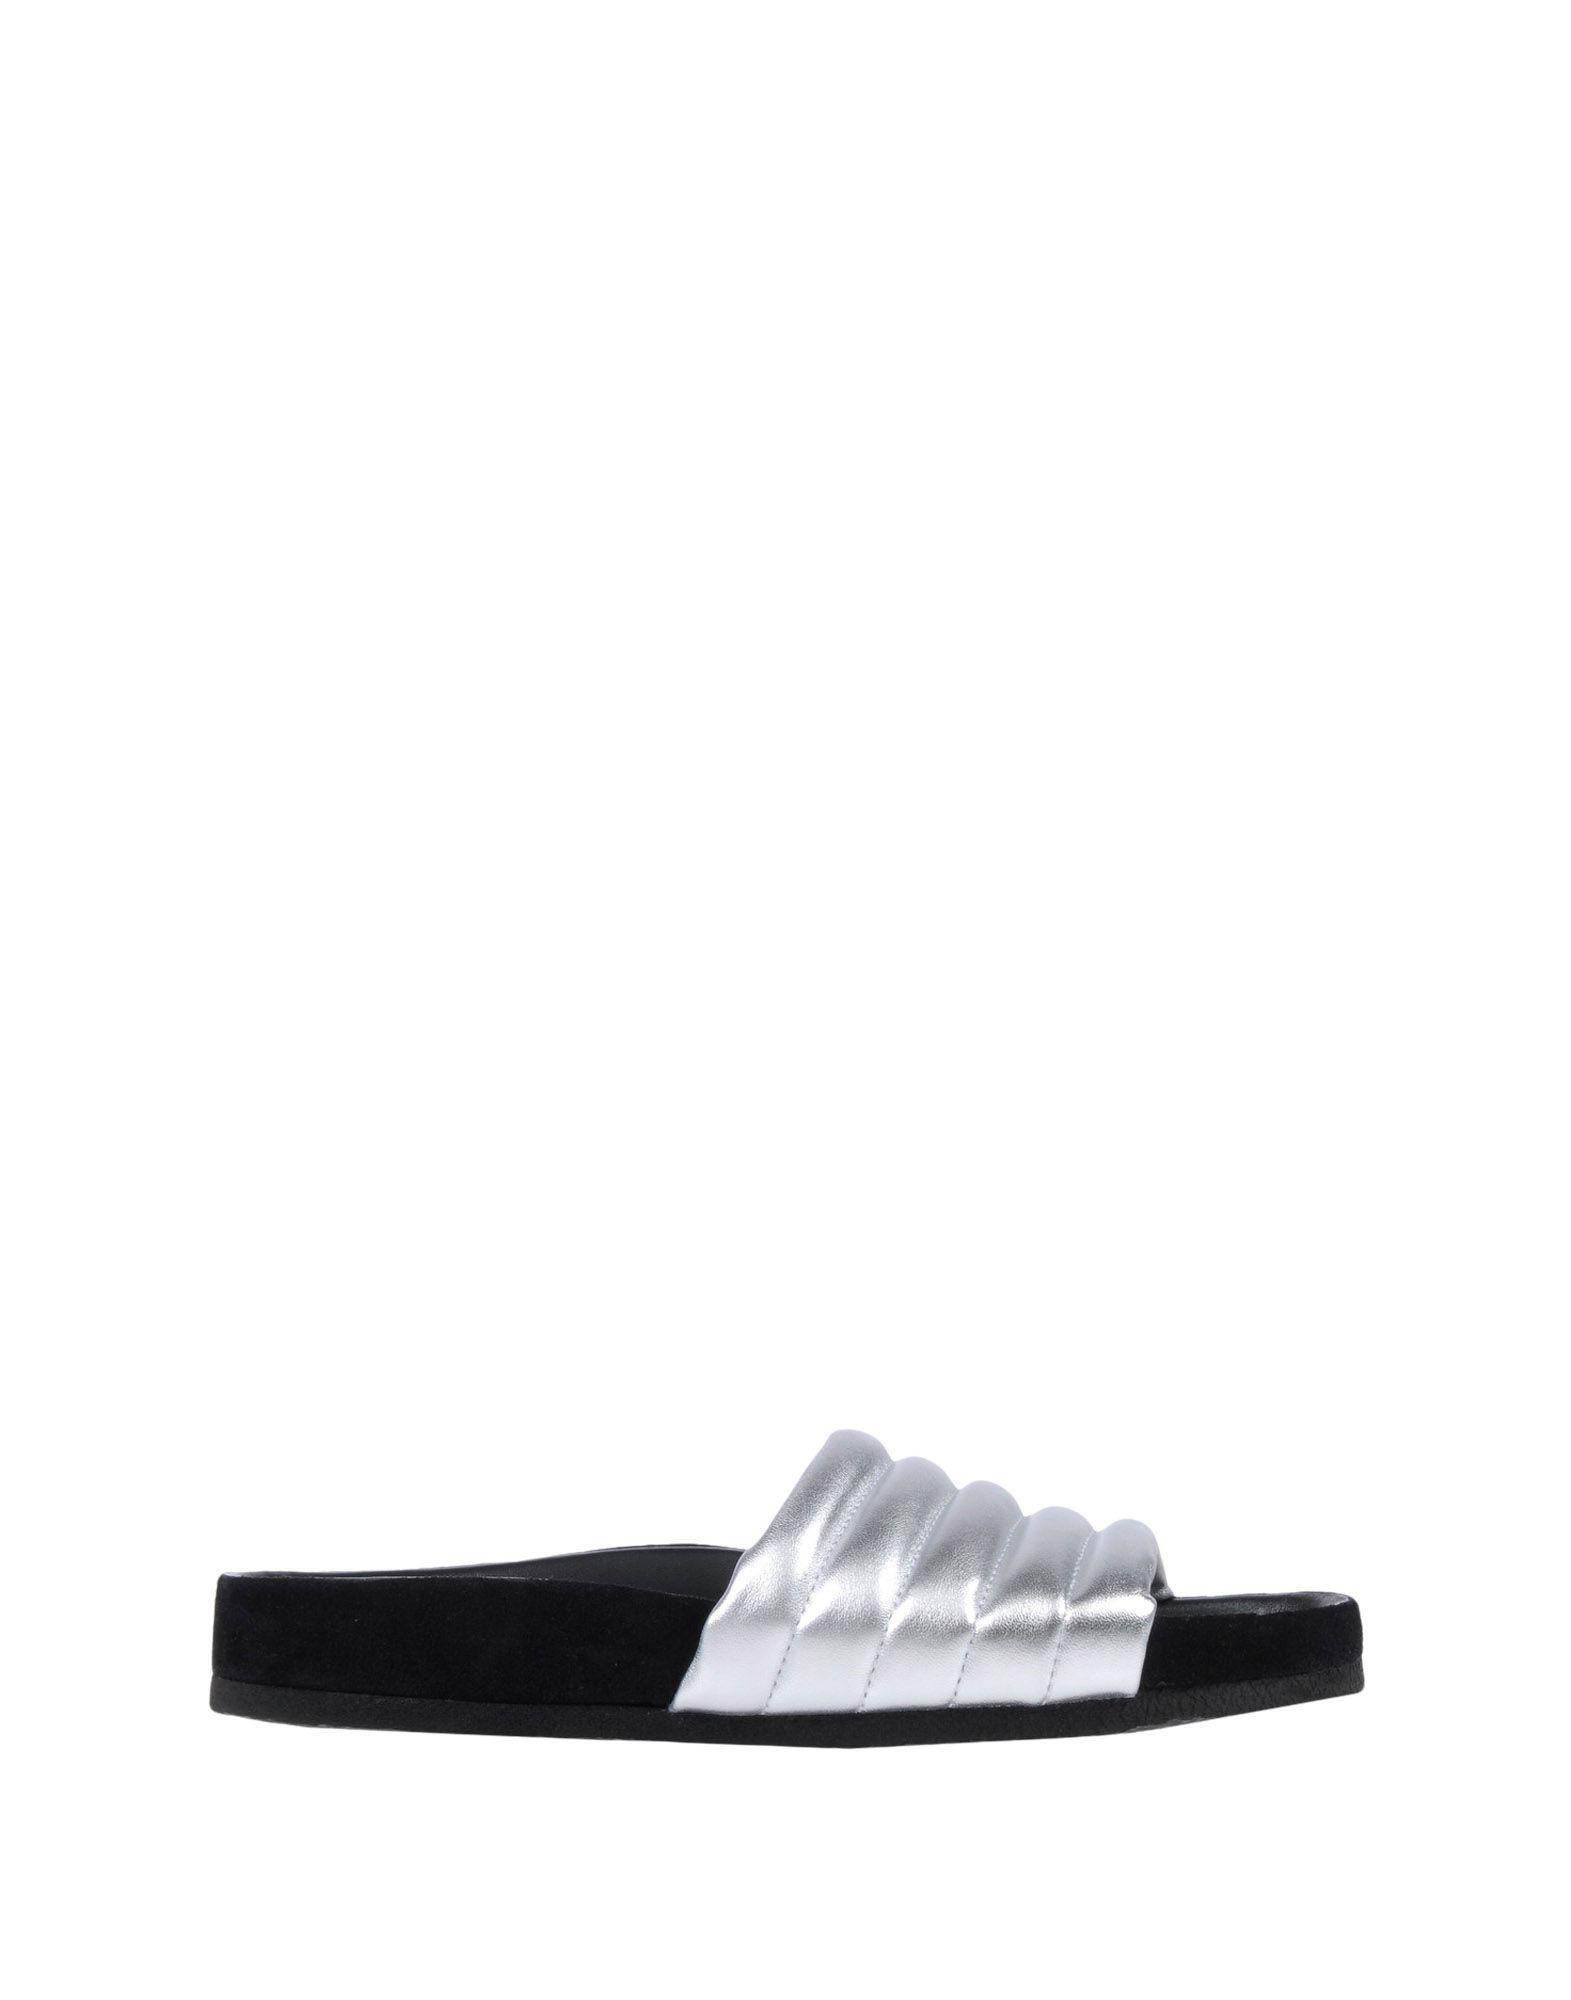 Isabel Marant Sandalen Damen  11459328PSGut aussehende strapazierfähige Schuhe